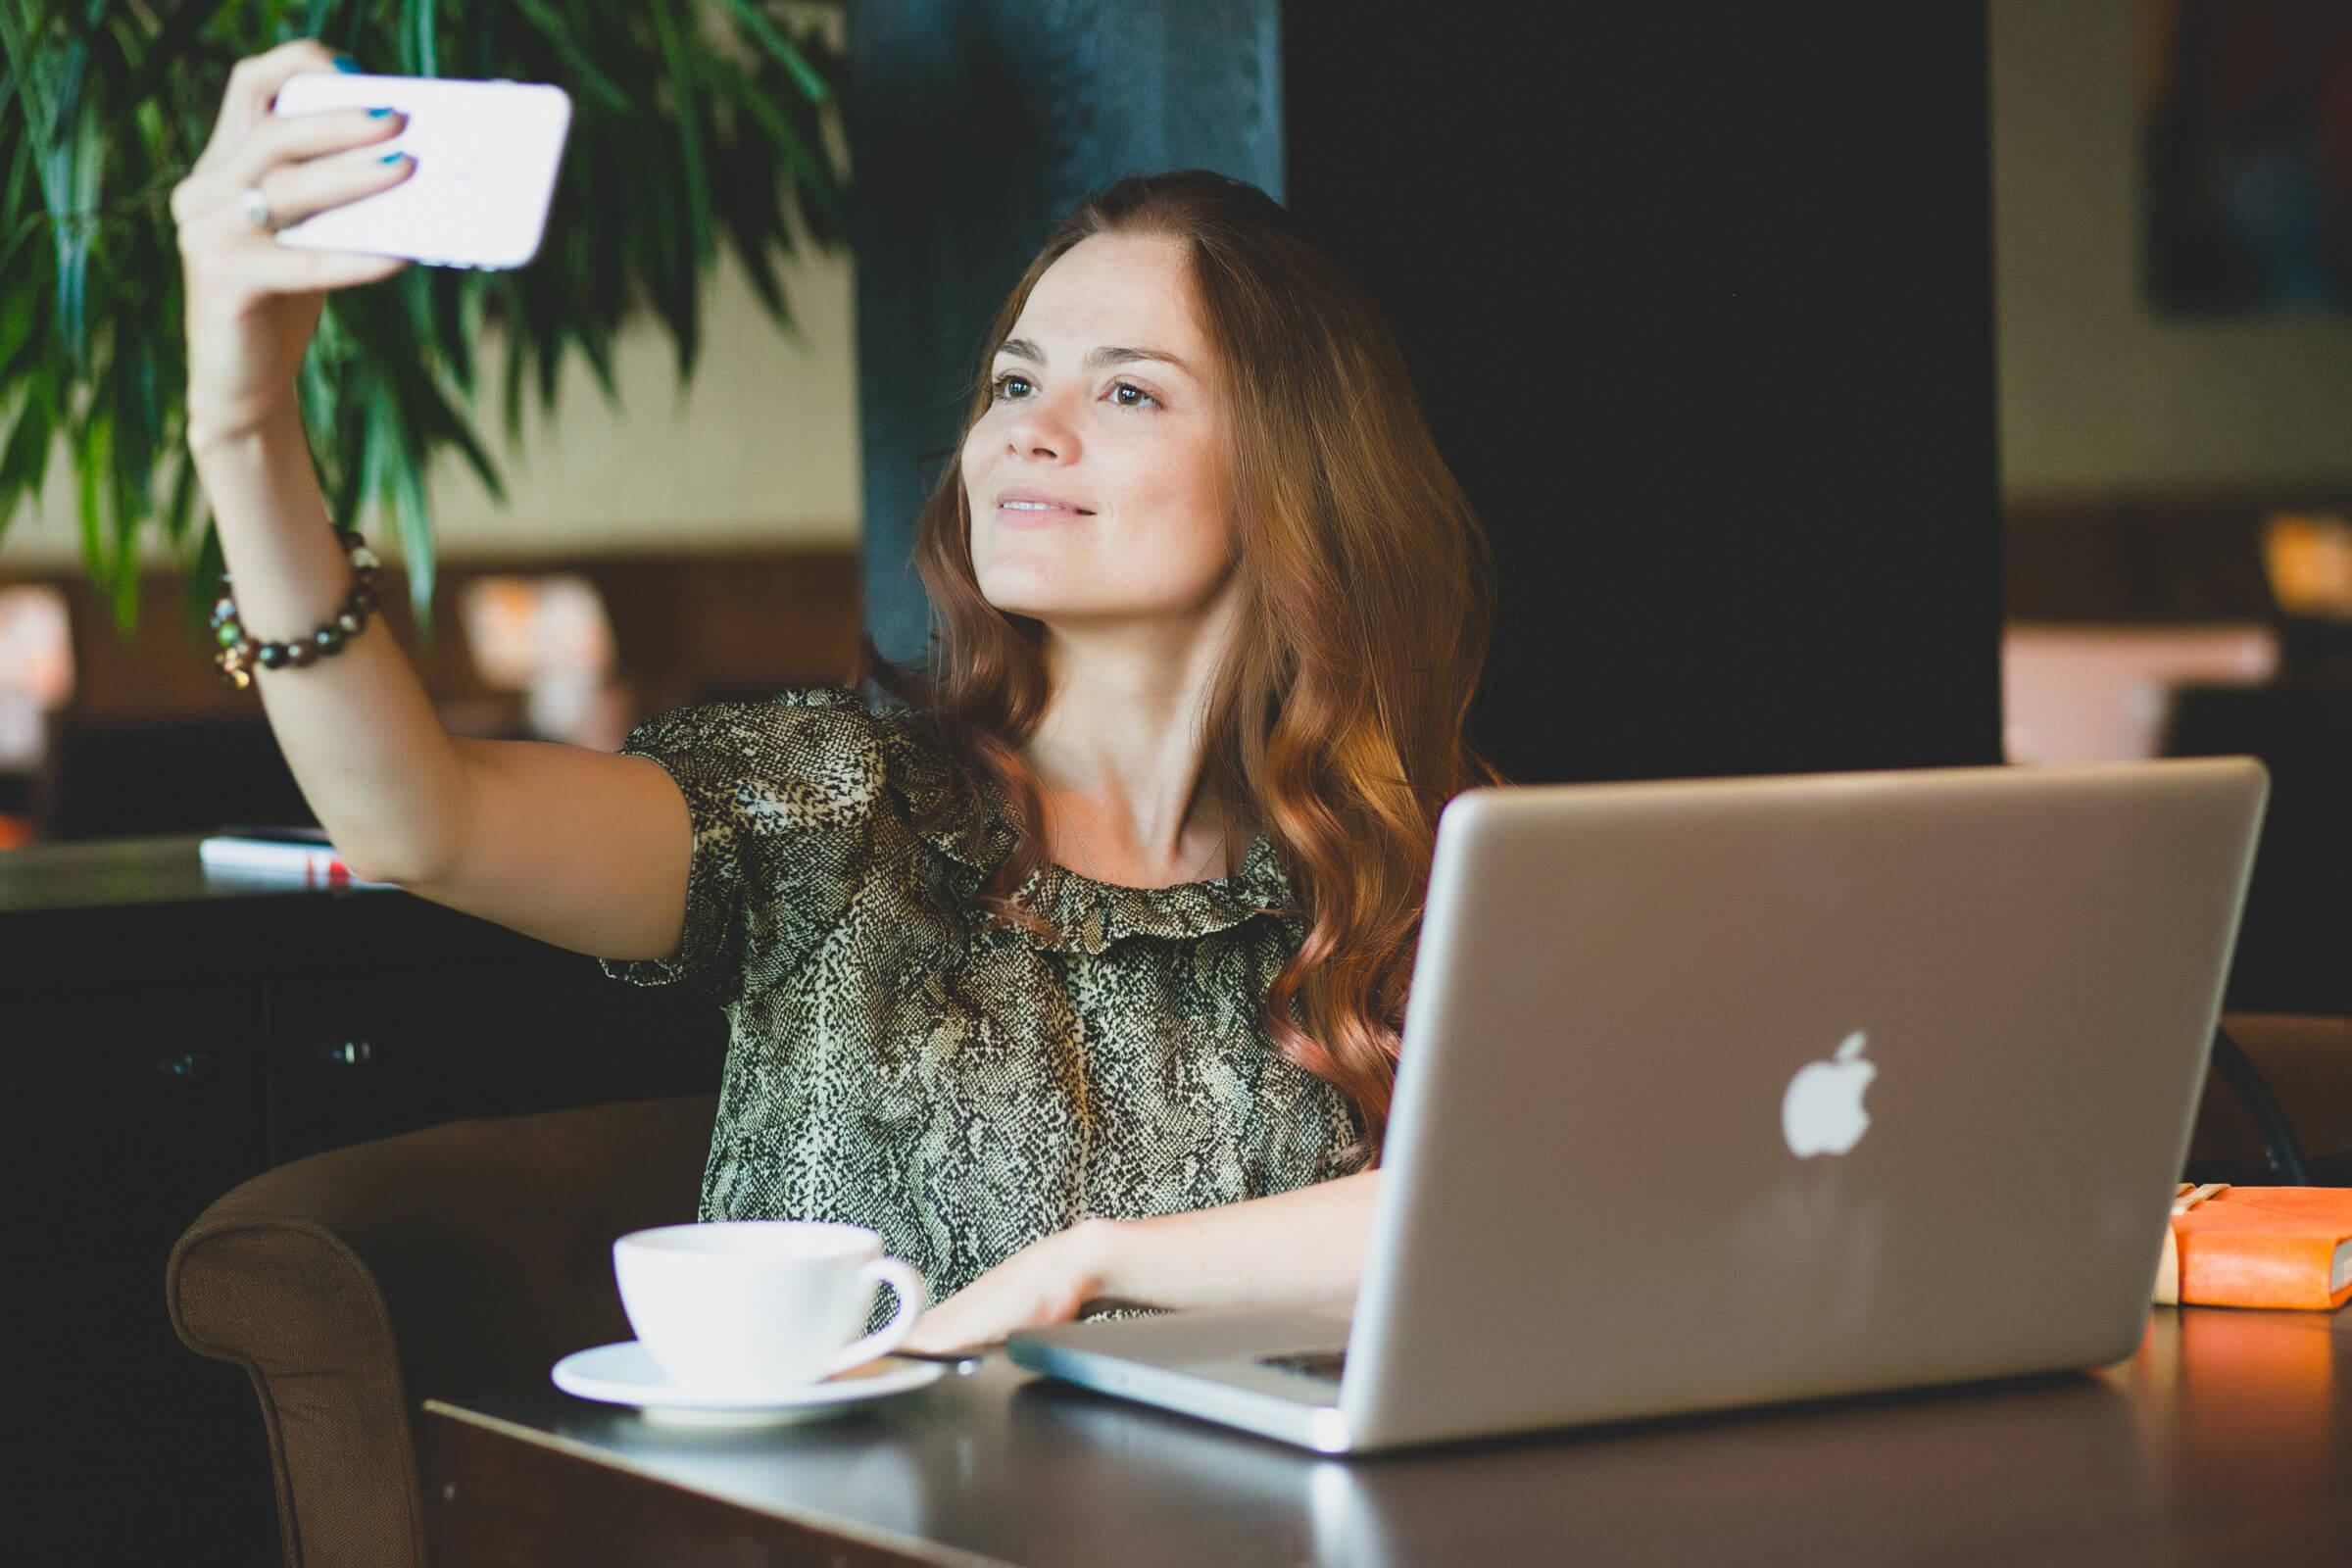 Девушка снимает себя на смартфон